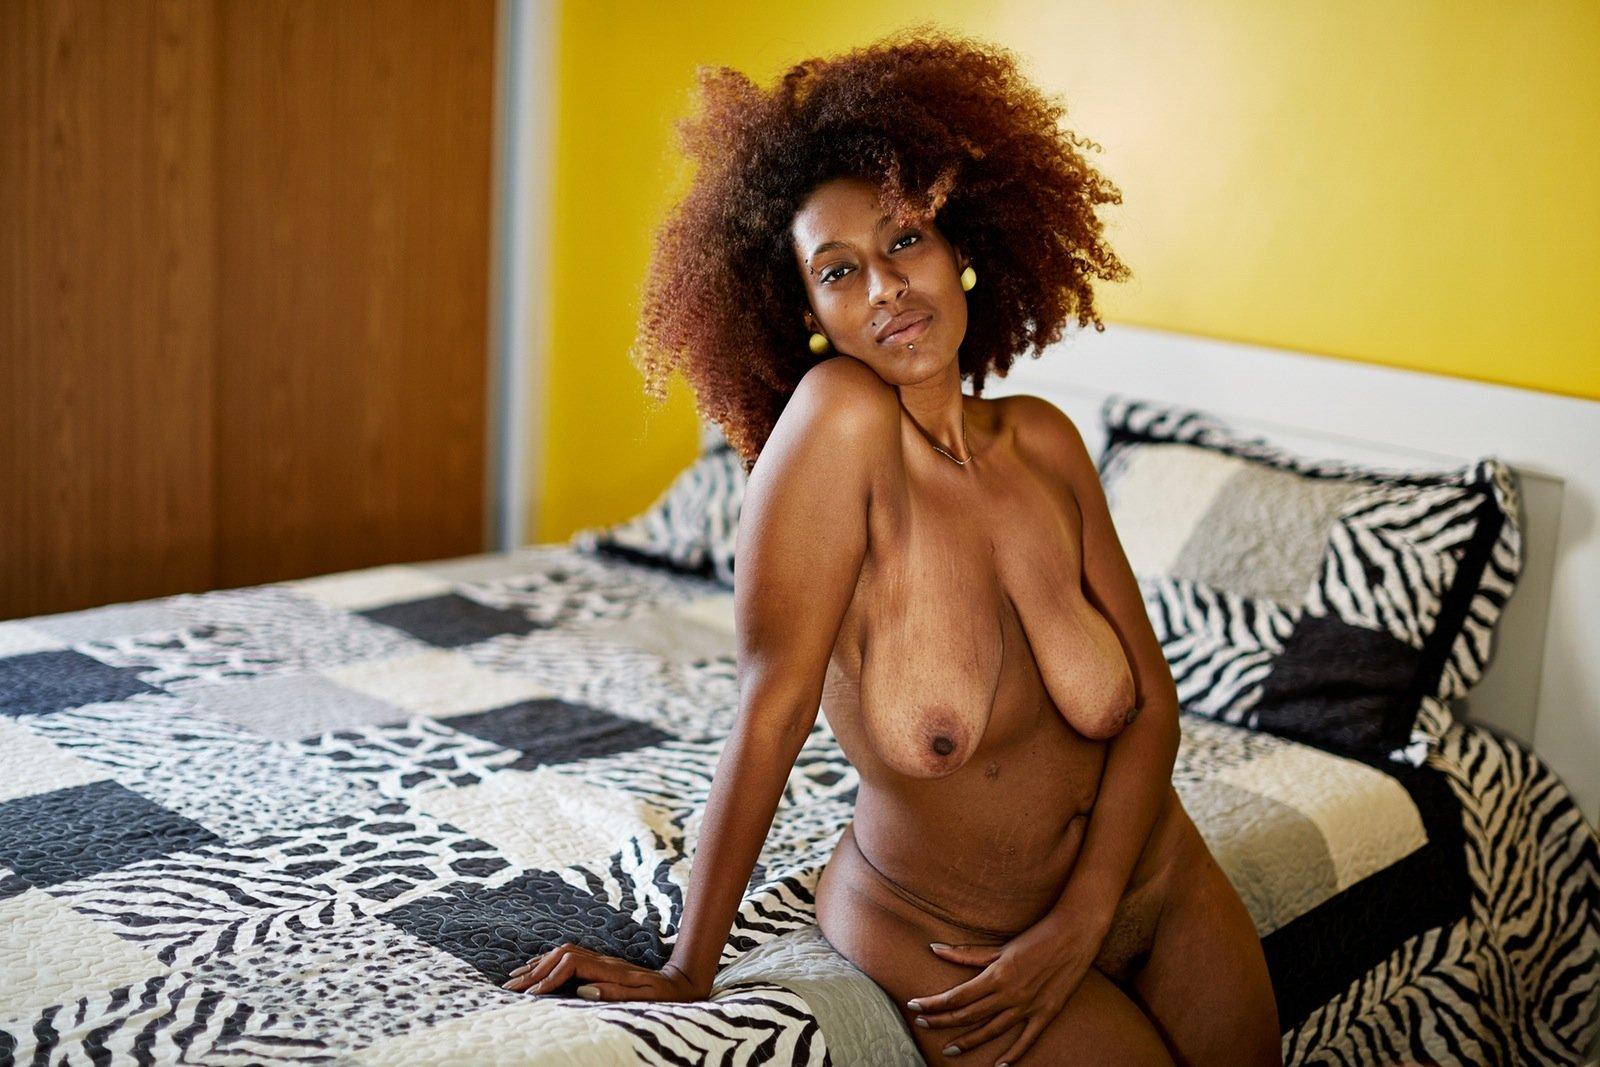 Opinion you Wierd nude looking women